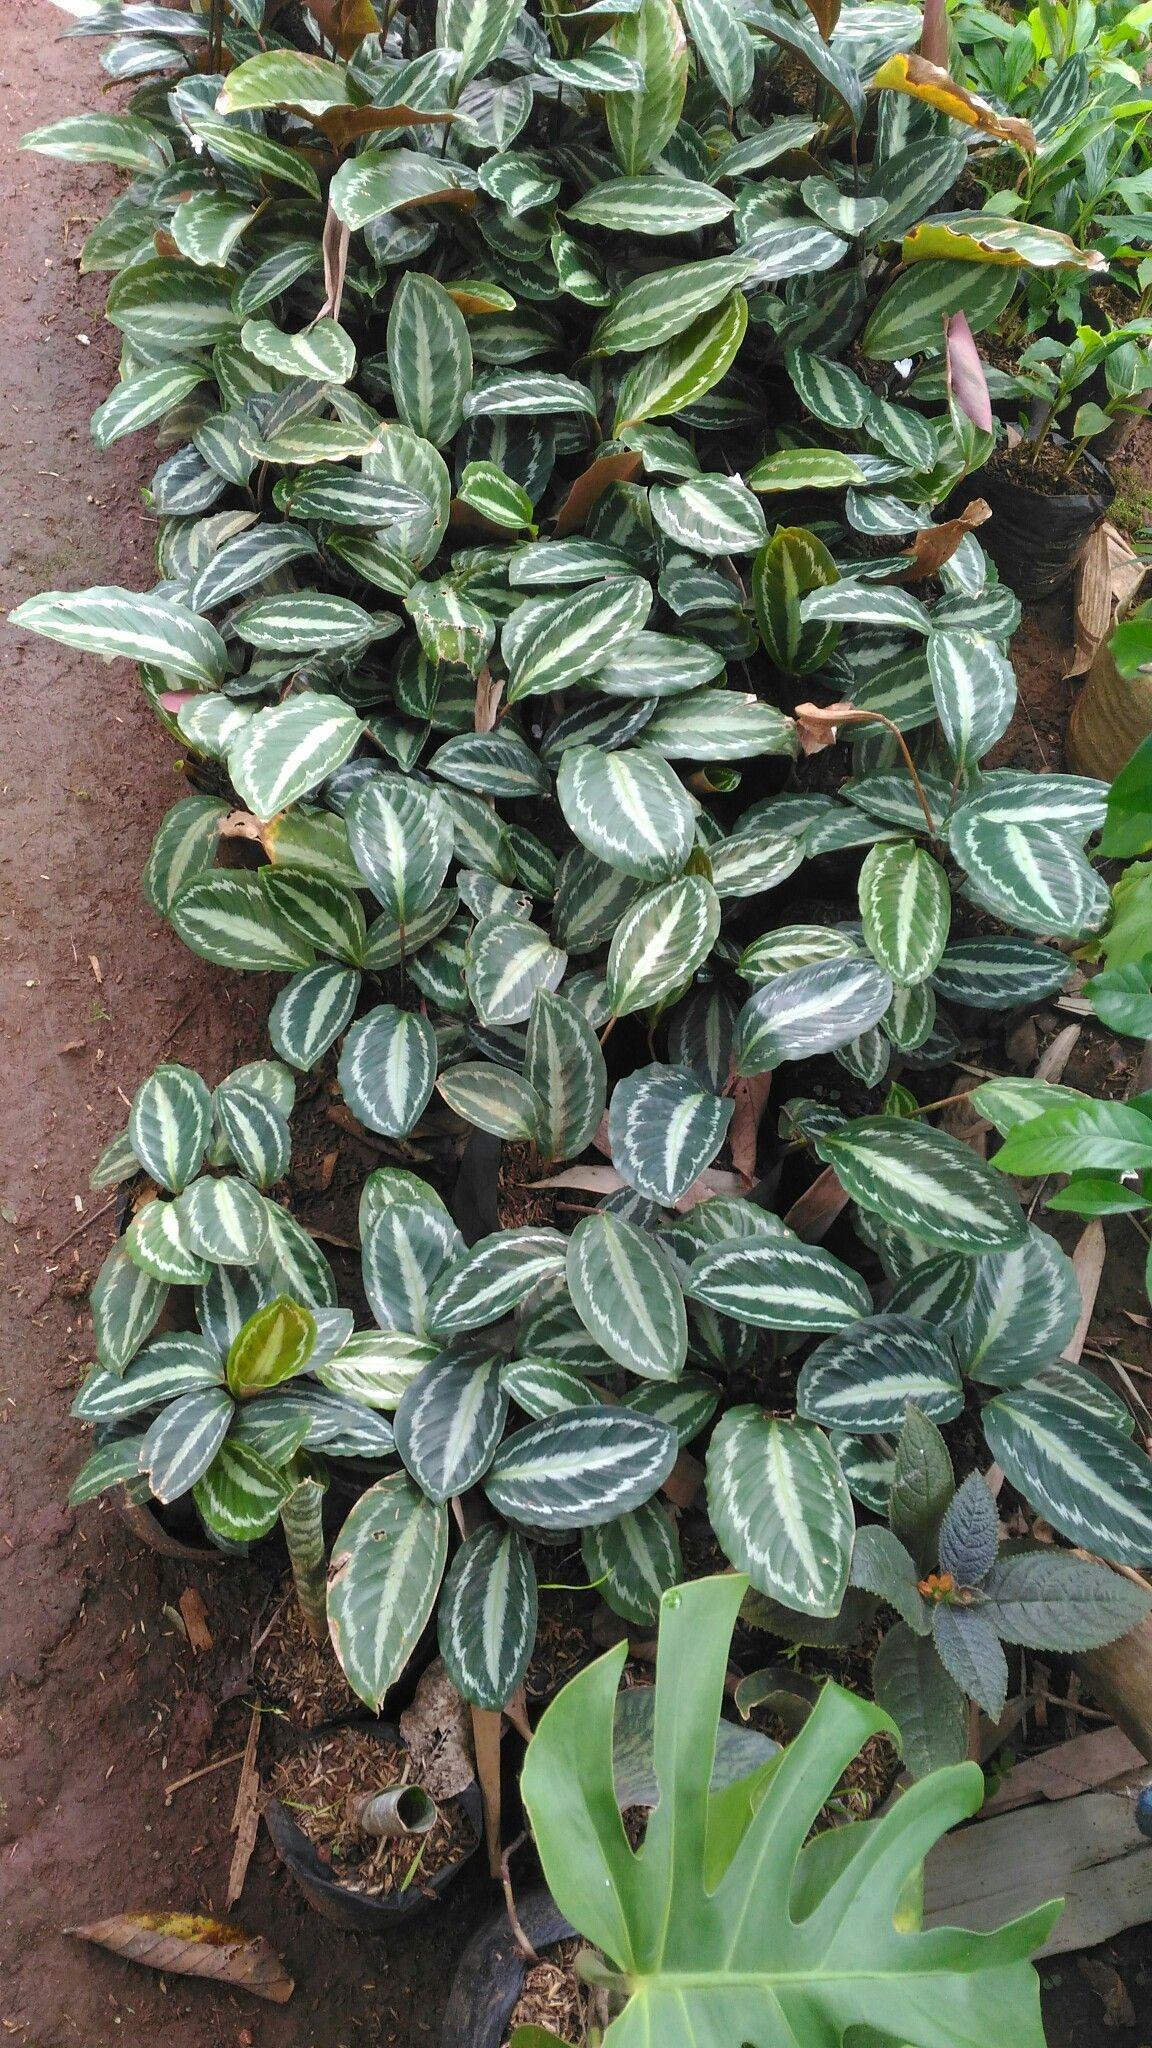 Tanaman Hias Calathea Kalatea Macan Makoyana Banyaknya Daun Dalam Media Tanam 3 S D 5 Daun Akar Kuat Dalam Media Tanam Polybag Tana Calathea Plants Pot